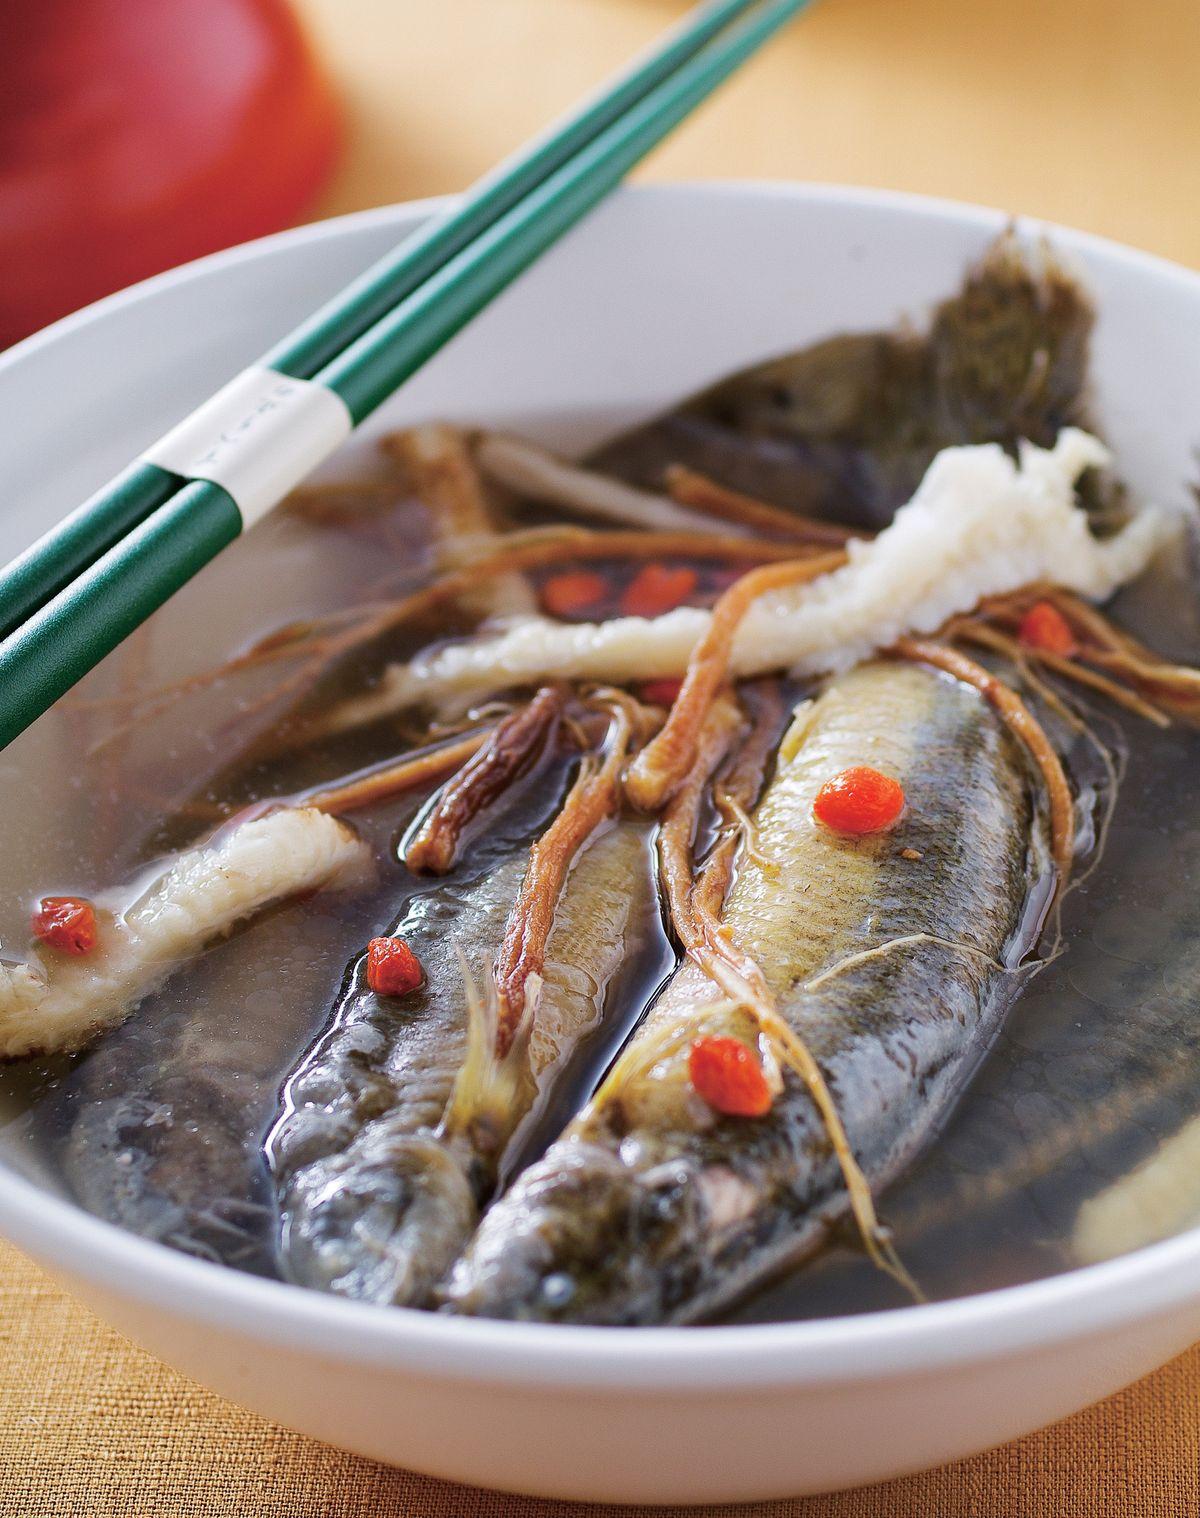 食譜:燒酒泥鰍湯